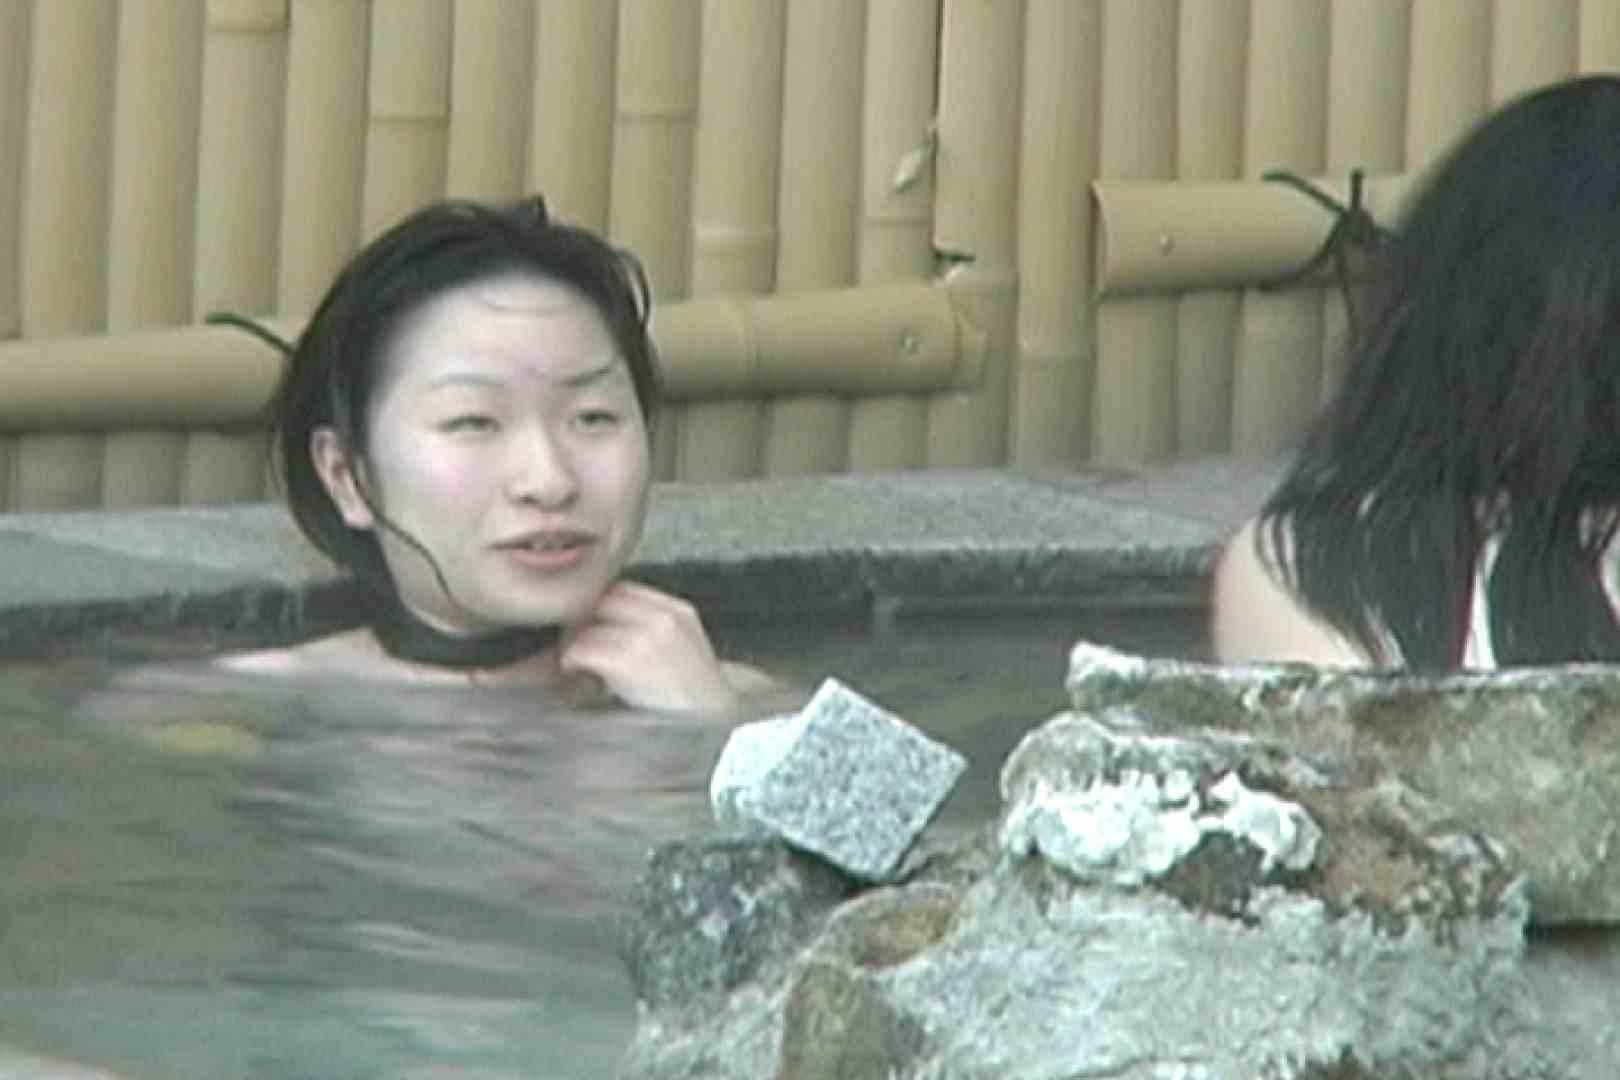 Aquaな露天風呂Vol.595 盗撮  89画像 75